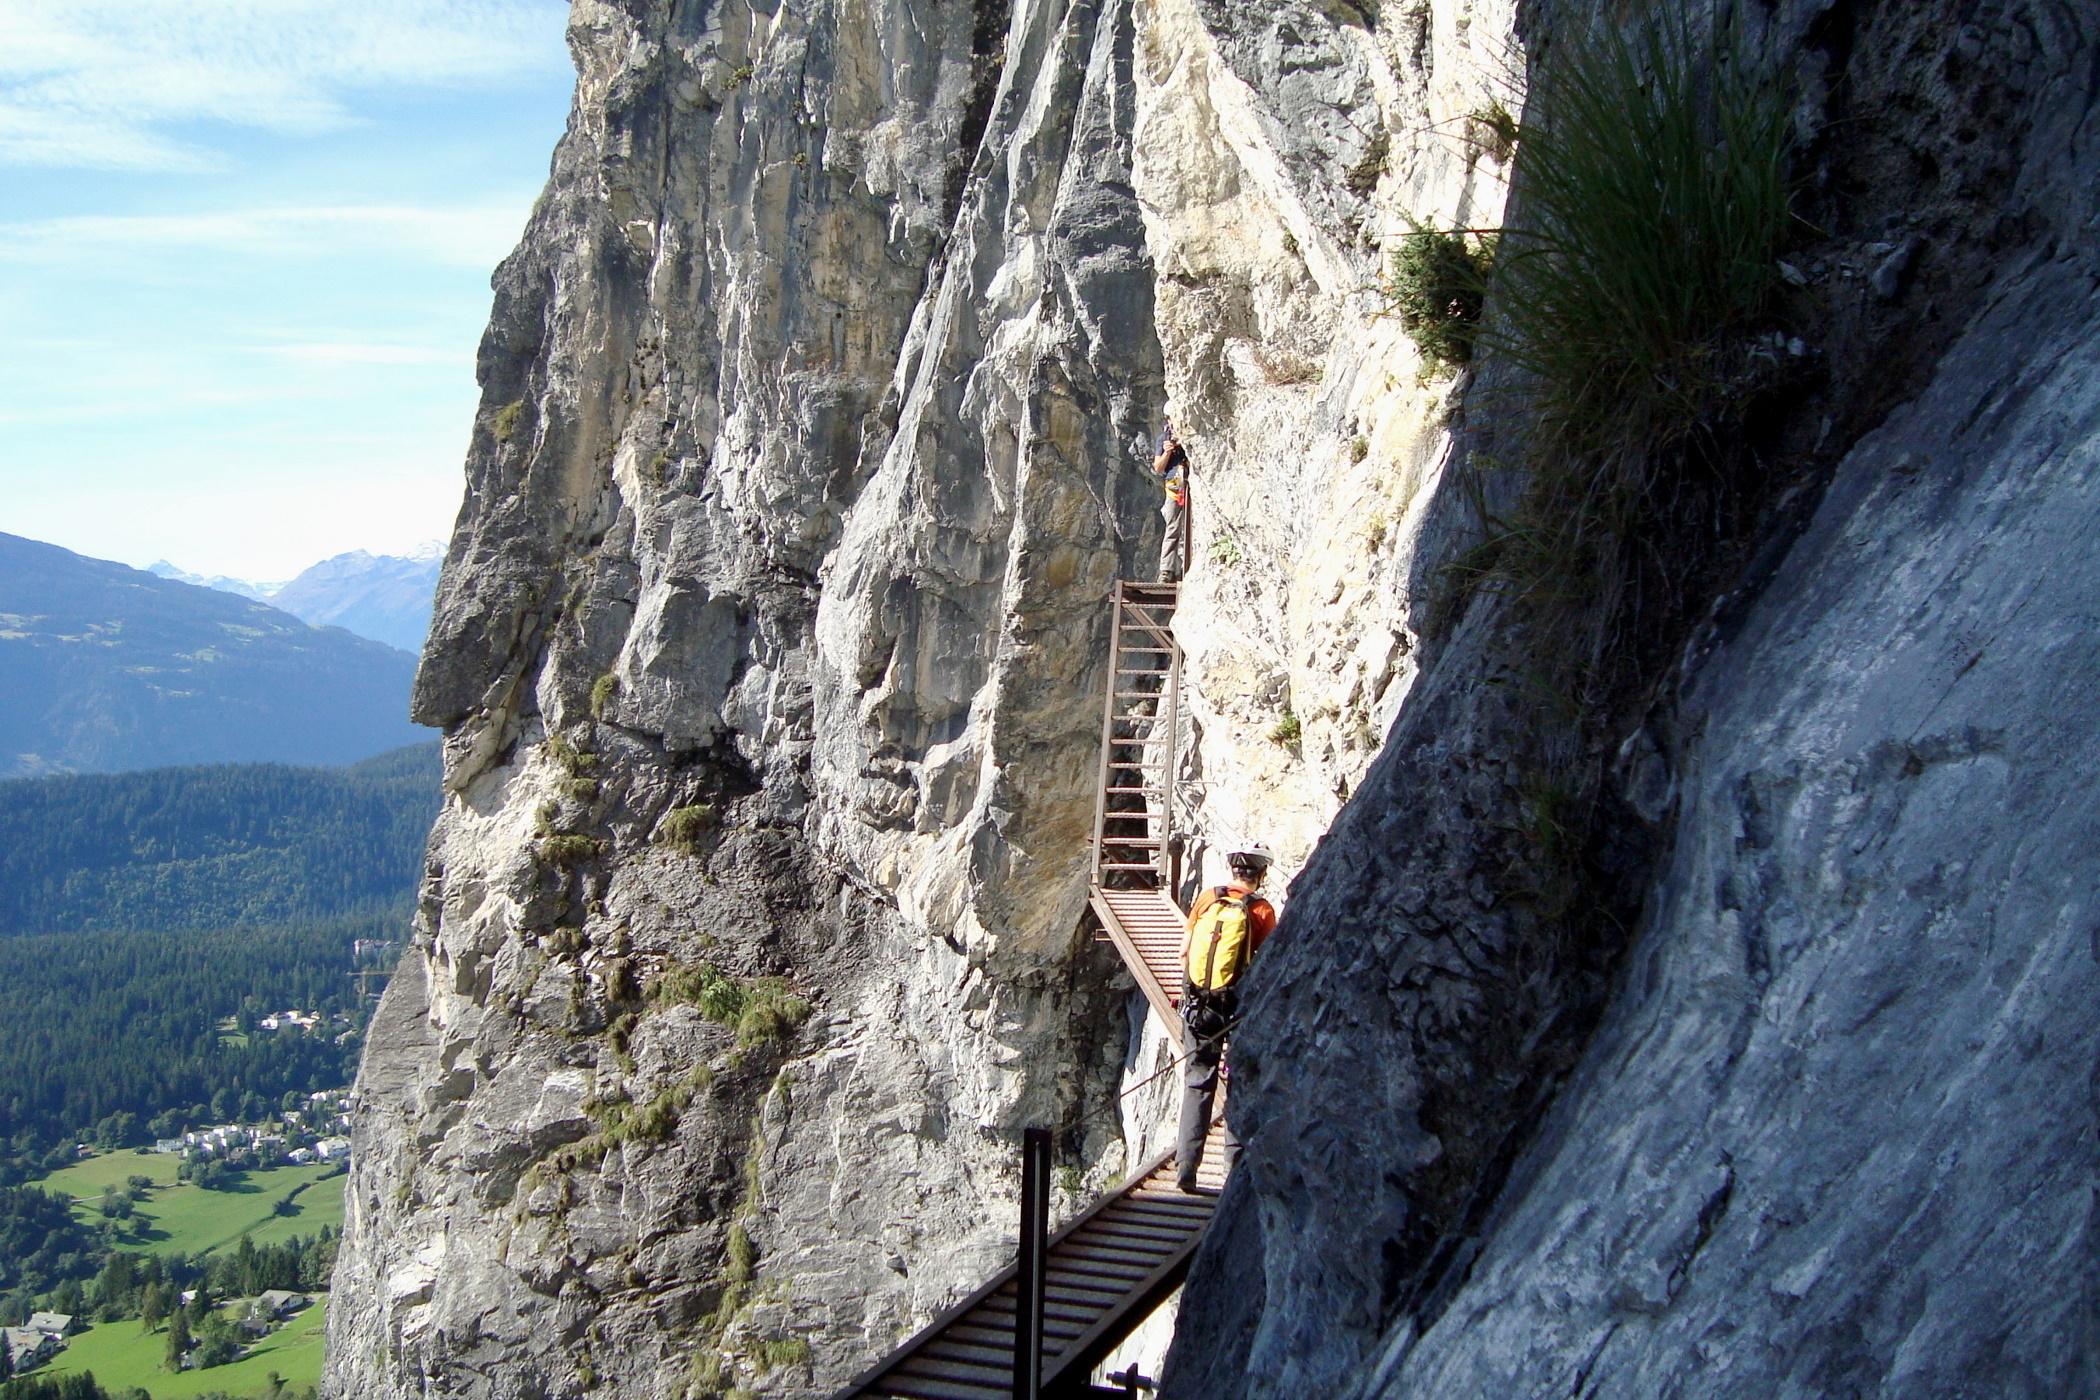 Klettersteig Flims : Klettersteig pinut